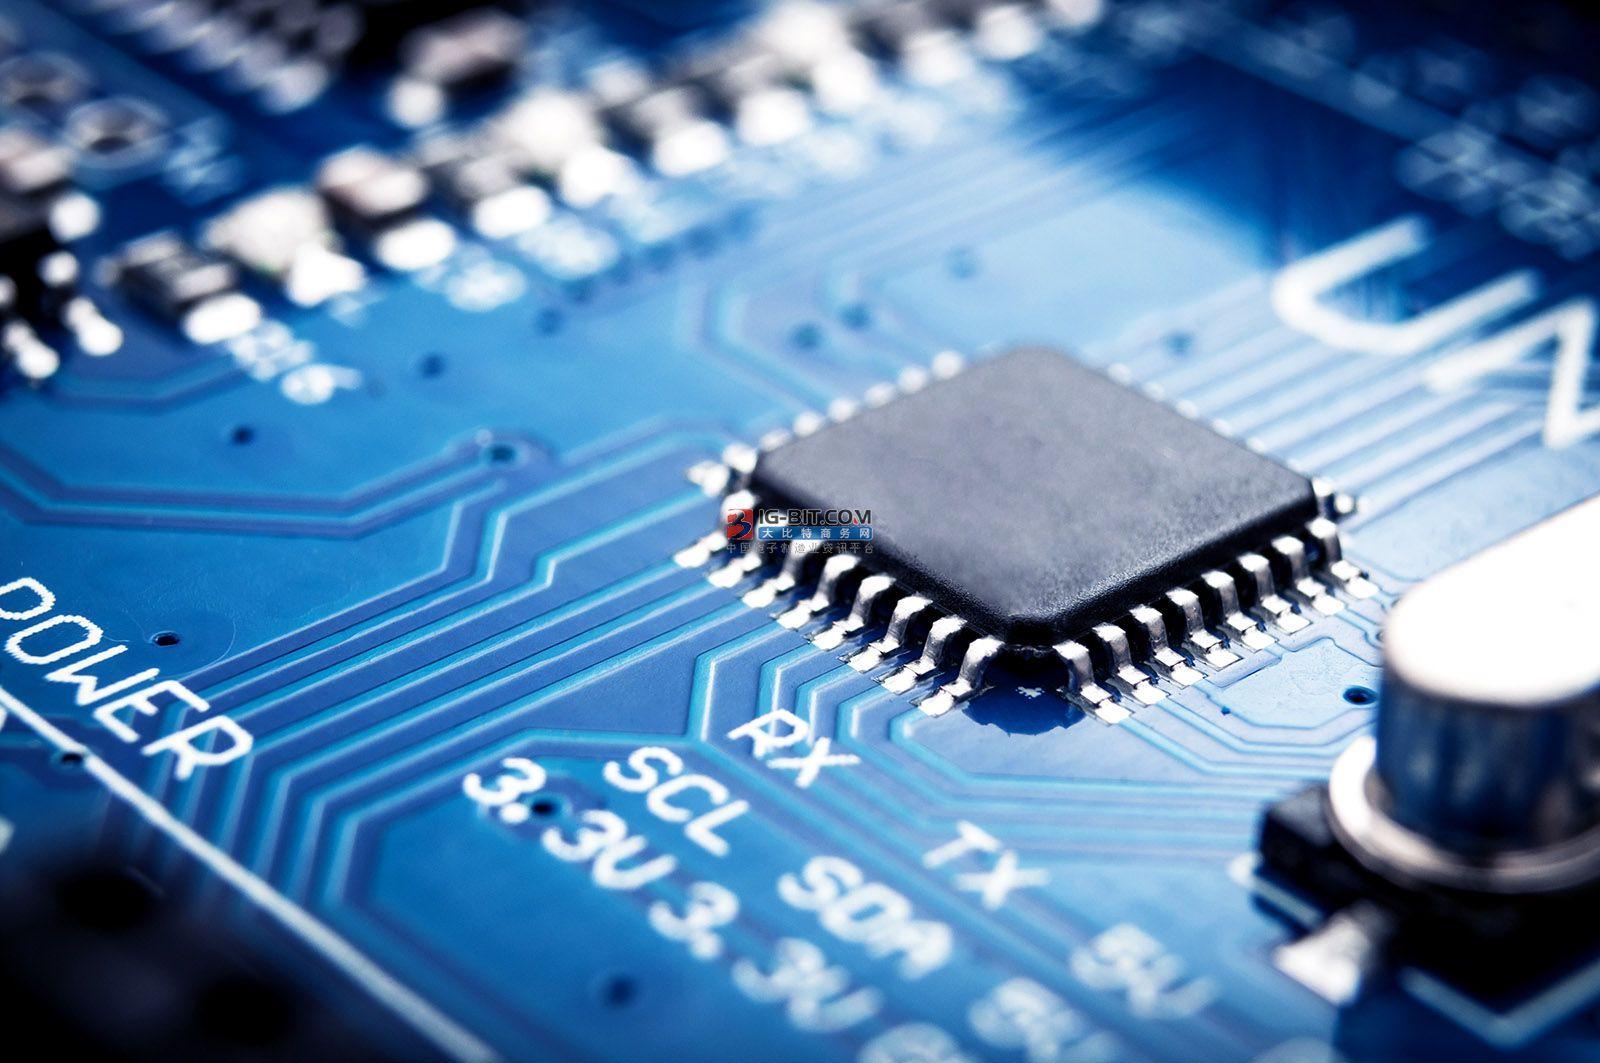 根據IC市場報告 今年的半導體市場充滿未知性